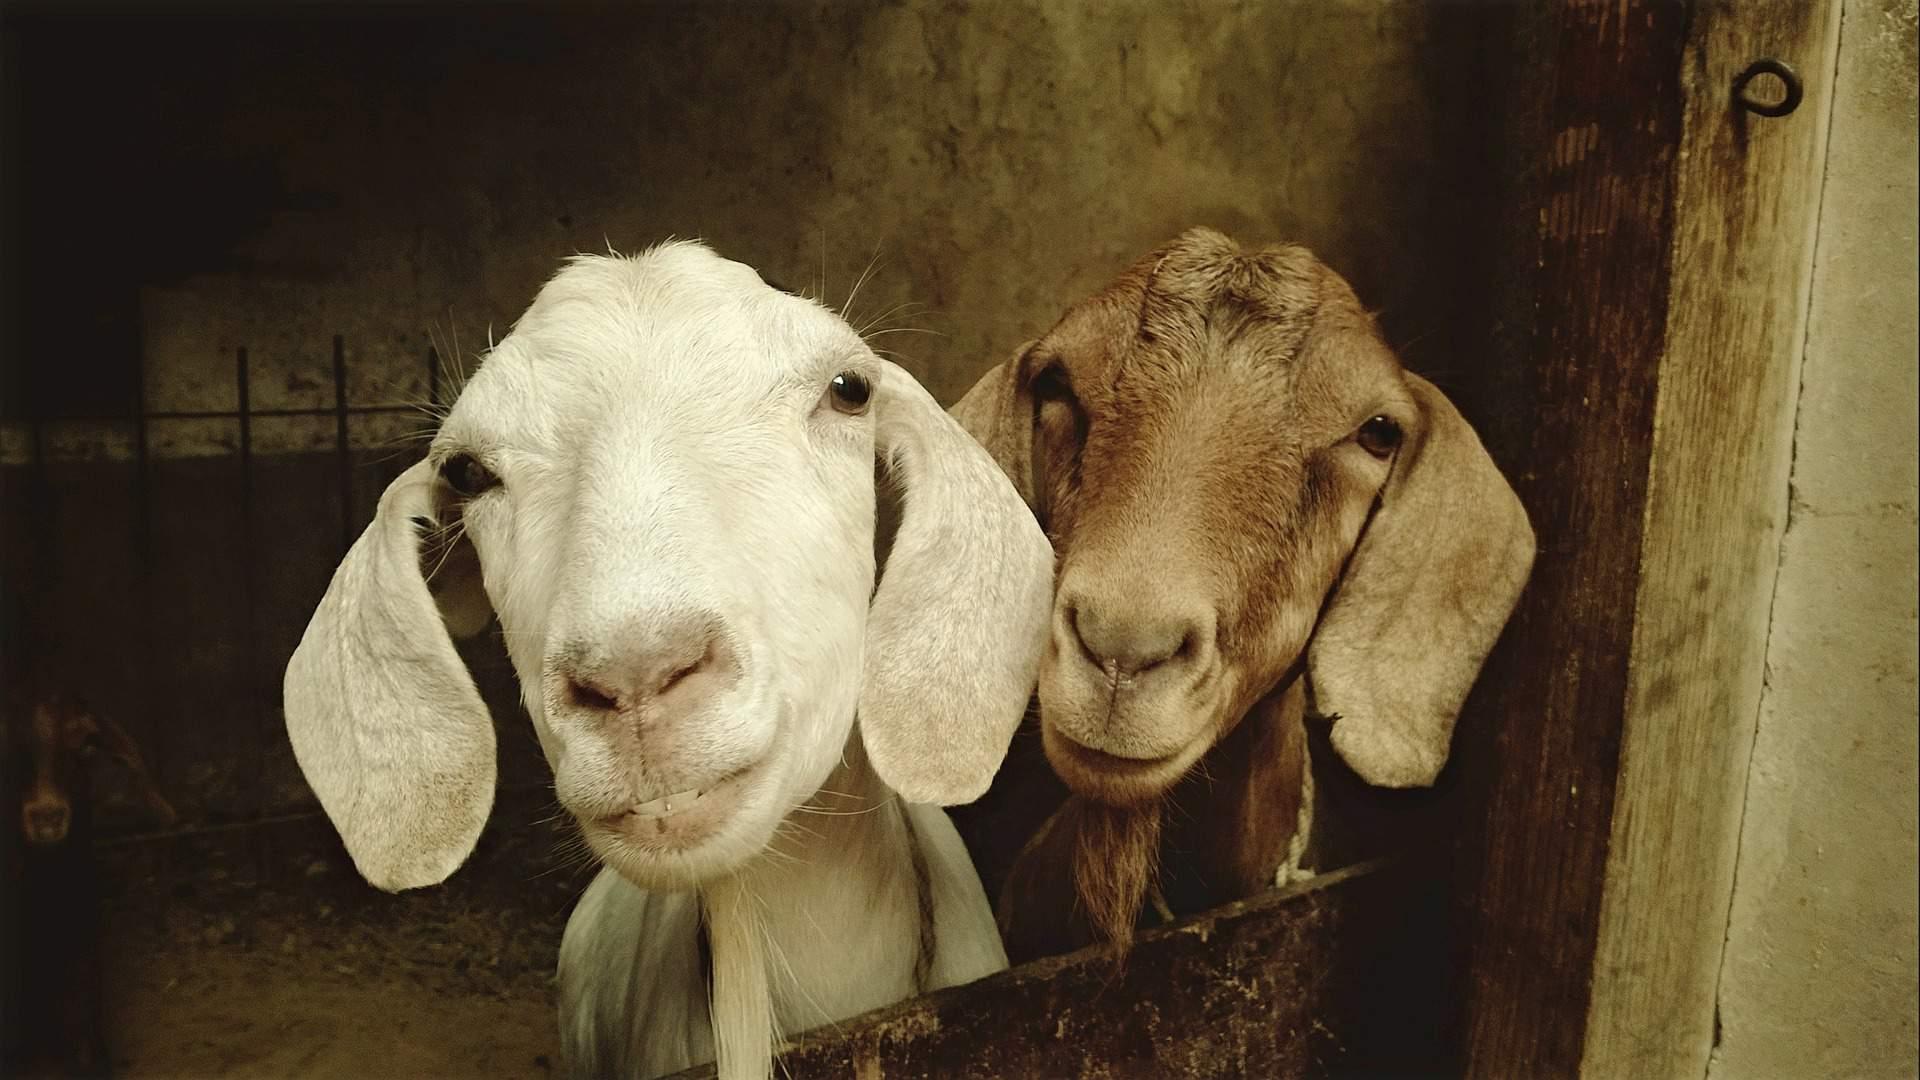 kecske goat animal állat